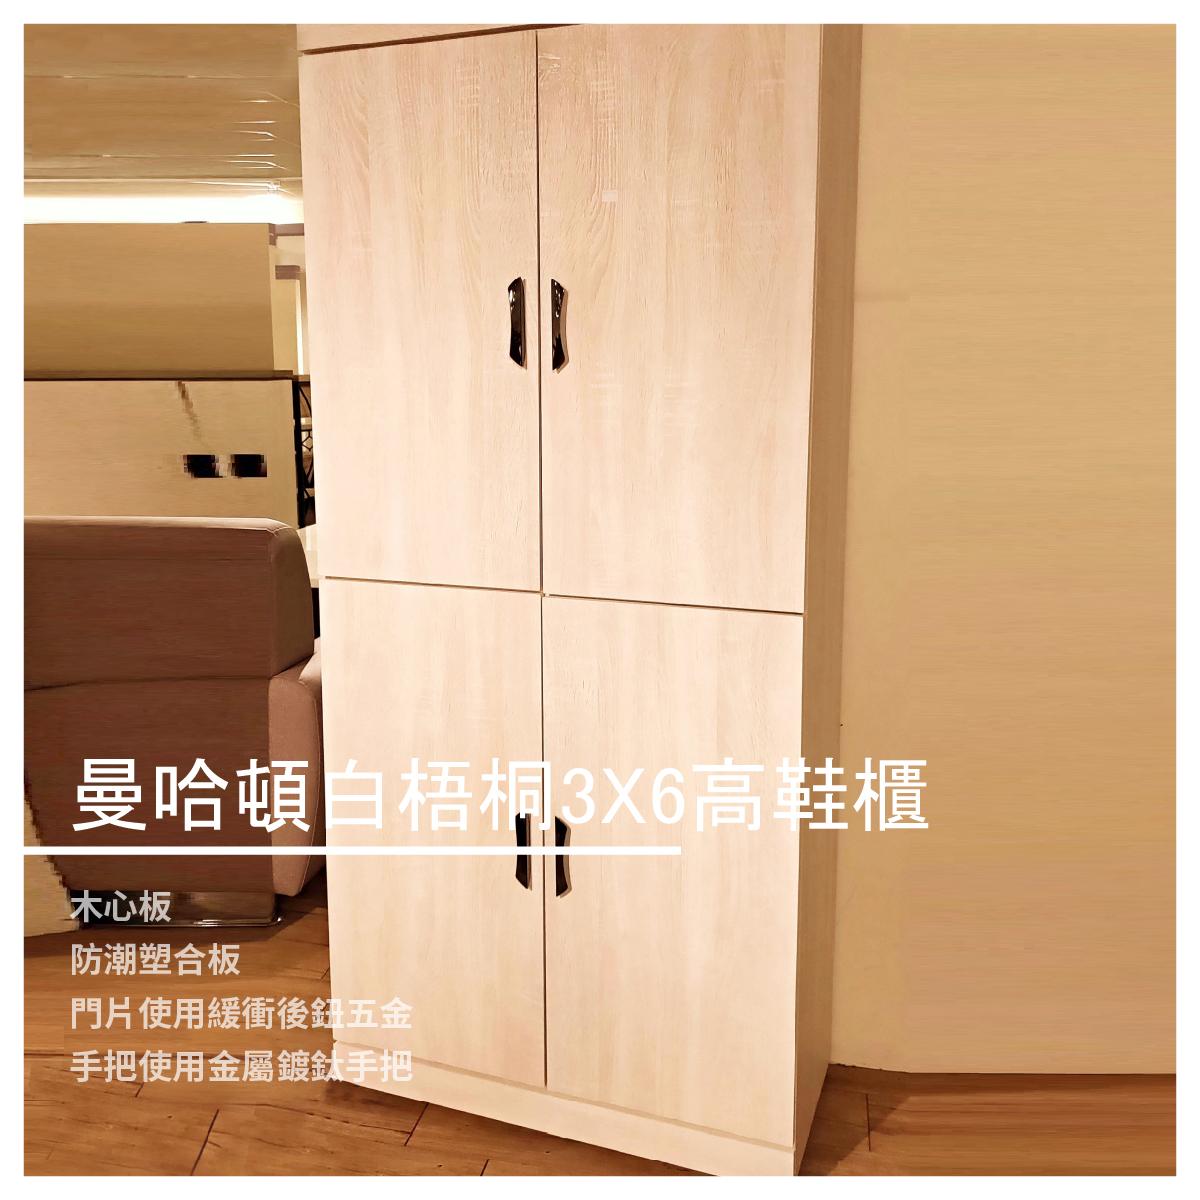 【長榮家具】曼哈頓白梧桐3X6高鞋櫃